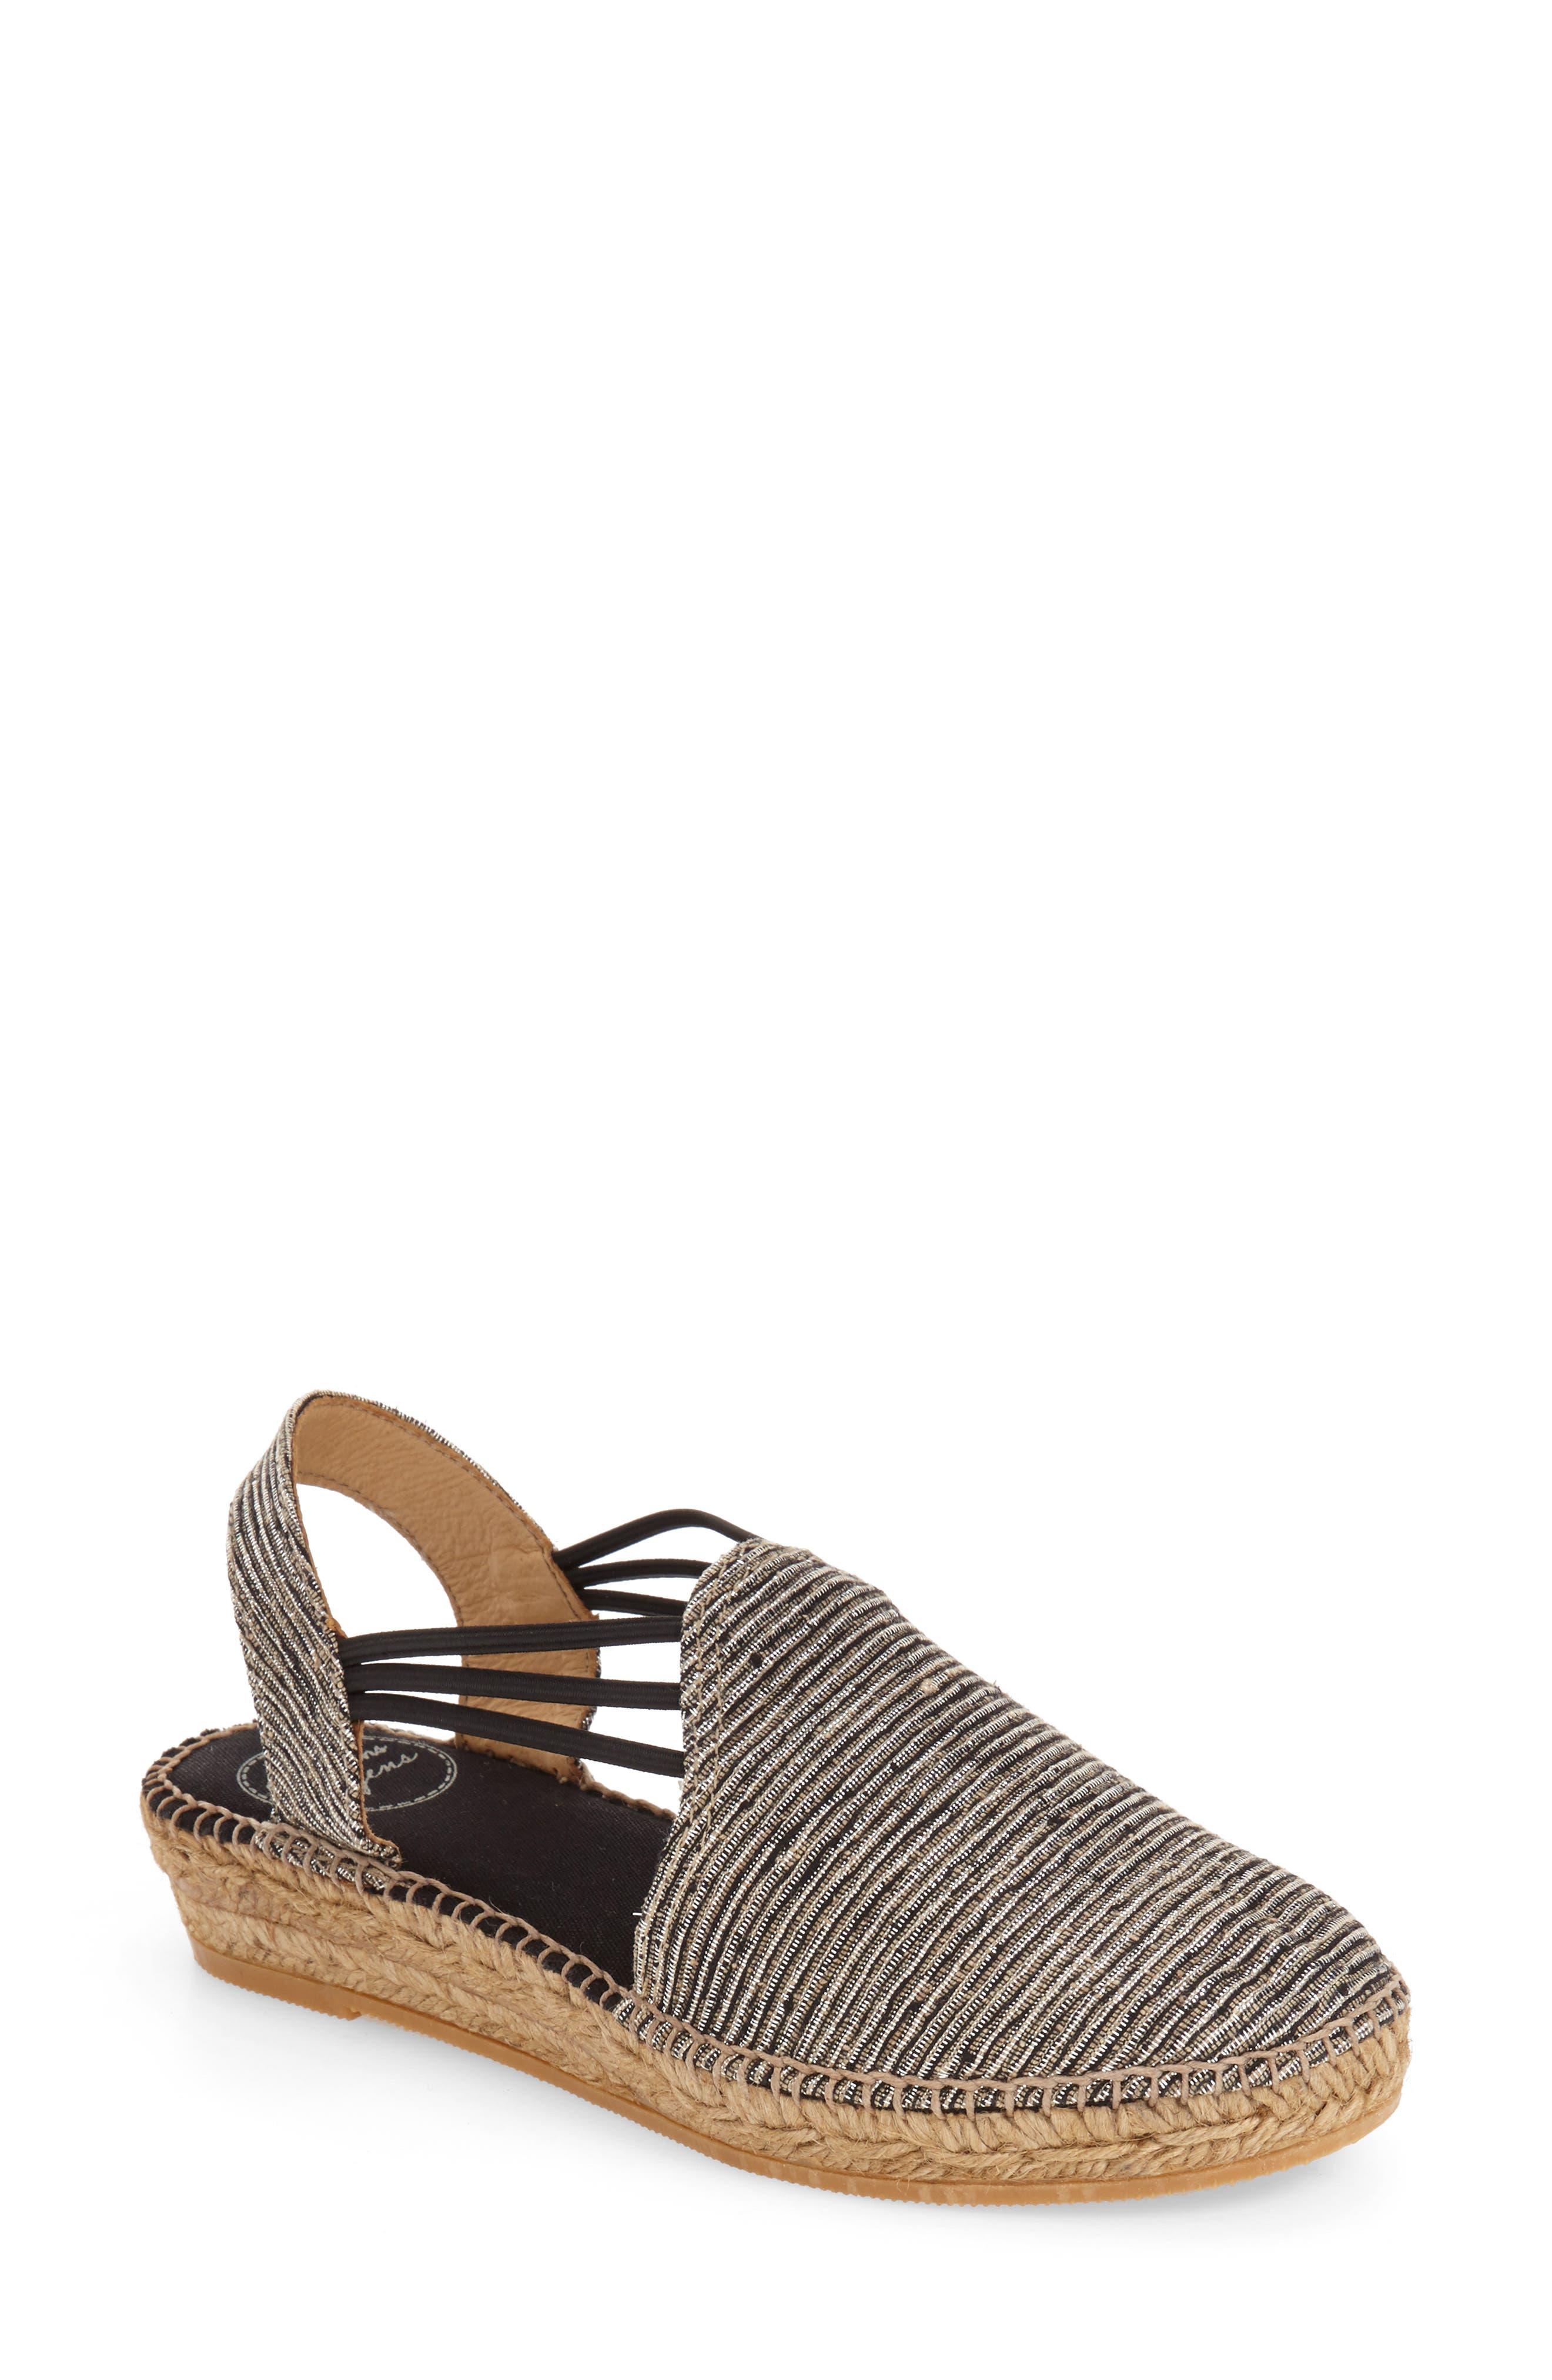 TONI PONS 'Noa' Espadrille Sandal, Main, color, BLACK FABRIC